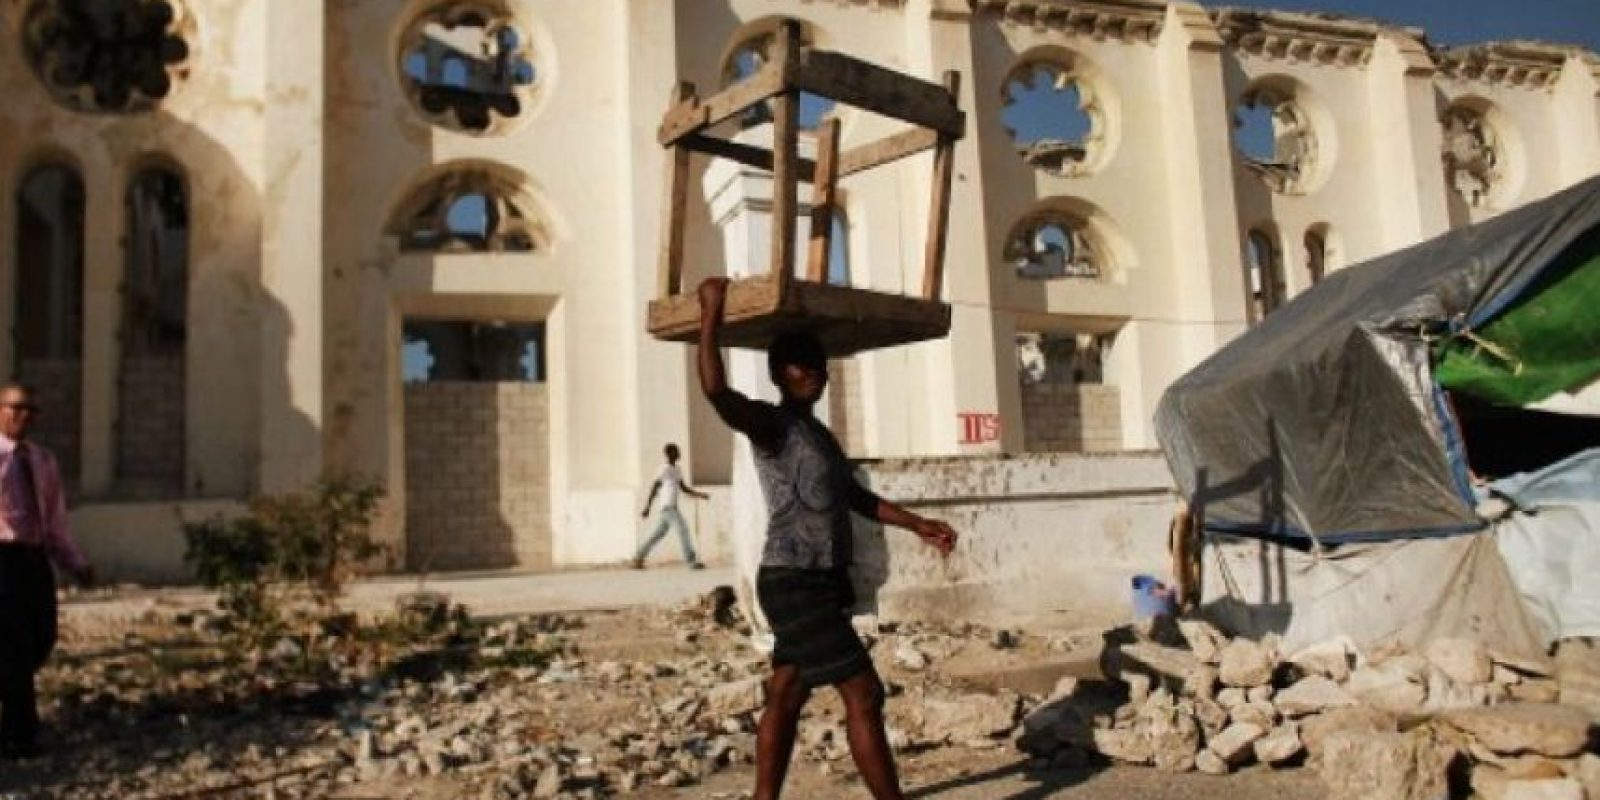 10. 12 de enero de 2012, Haití: Con una magnitud de 7, el terremoto dejó aproximadamente 222 mil 570 muertos, 300 mil heridos Foto:Getty Images